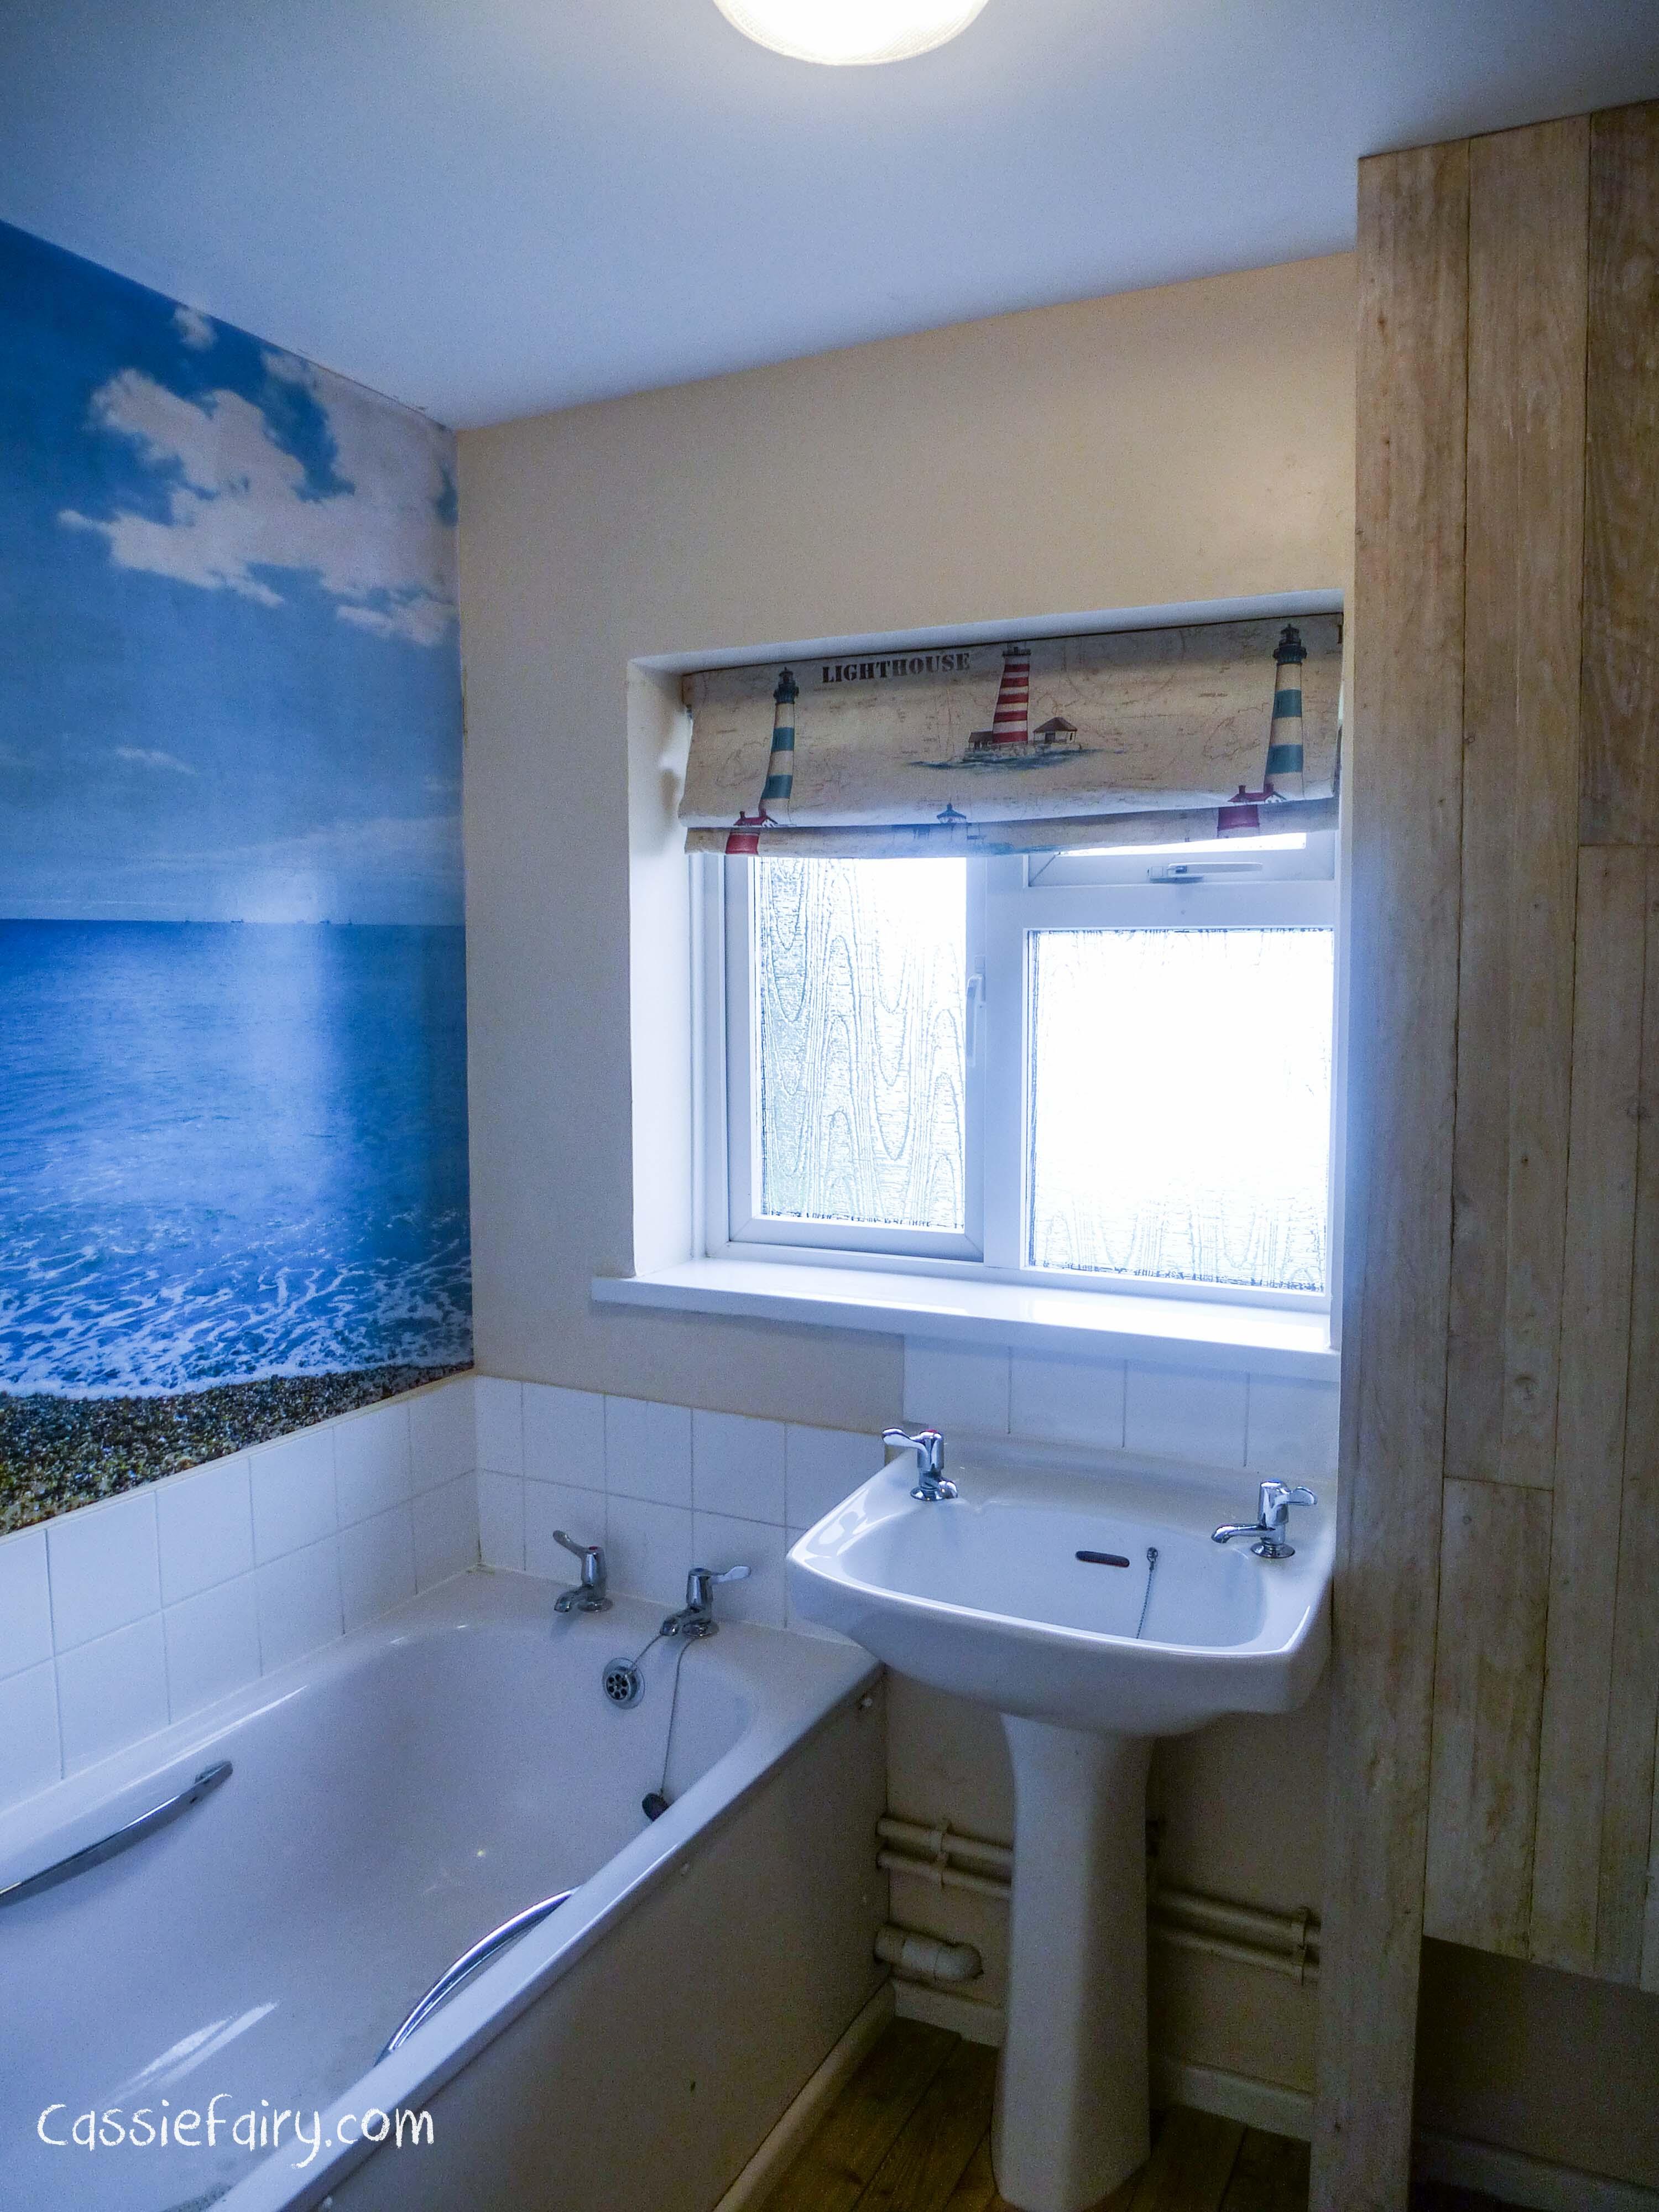 DIY Bathroom Roman Blind My Thrifty Life By Cassiefairy - Roman blind bathroom